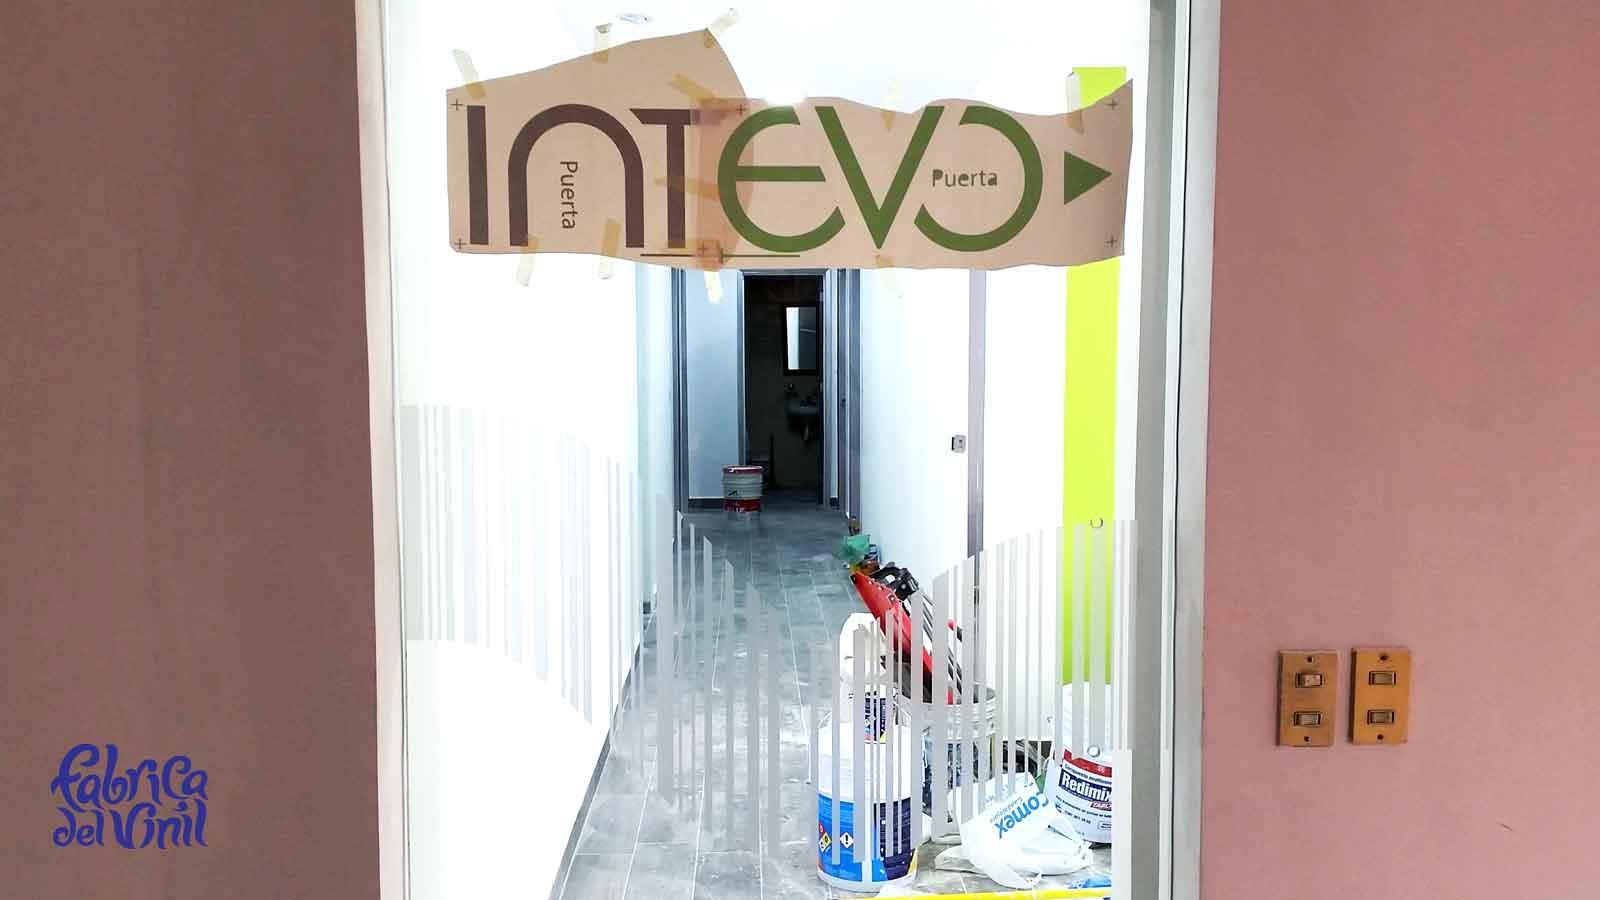 En fábrica del vinil colaboramos con diseñadores, arquitectos y decoradores de interiores. Llevamos a cabo proyectos de decoración en oficinas, recepciones, consultorios, salas de espera, mamparas en empresas y negocios de todos los tamaños y giros